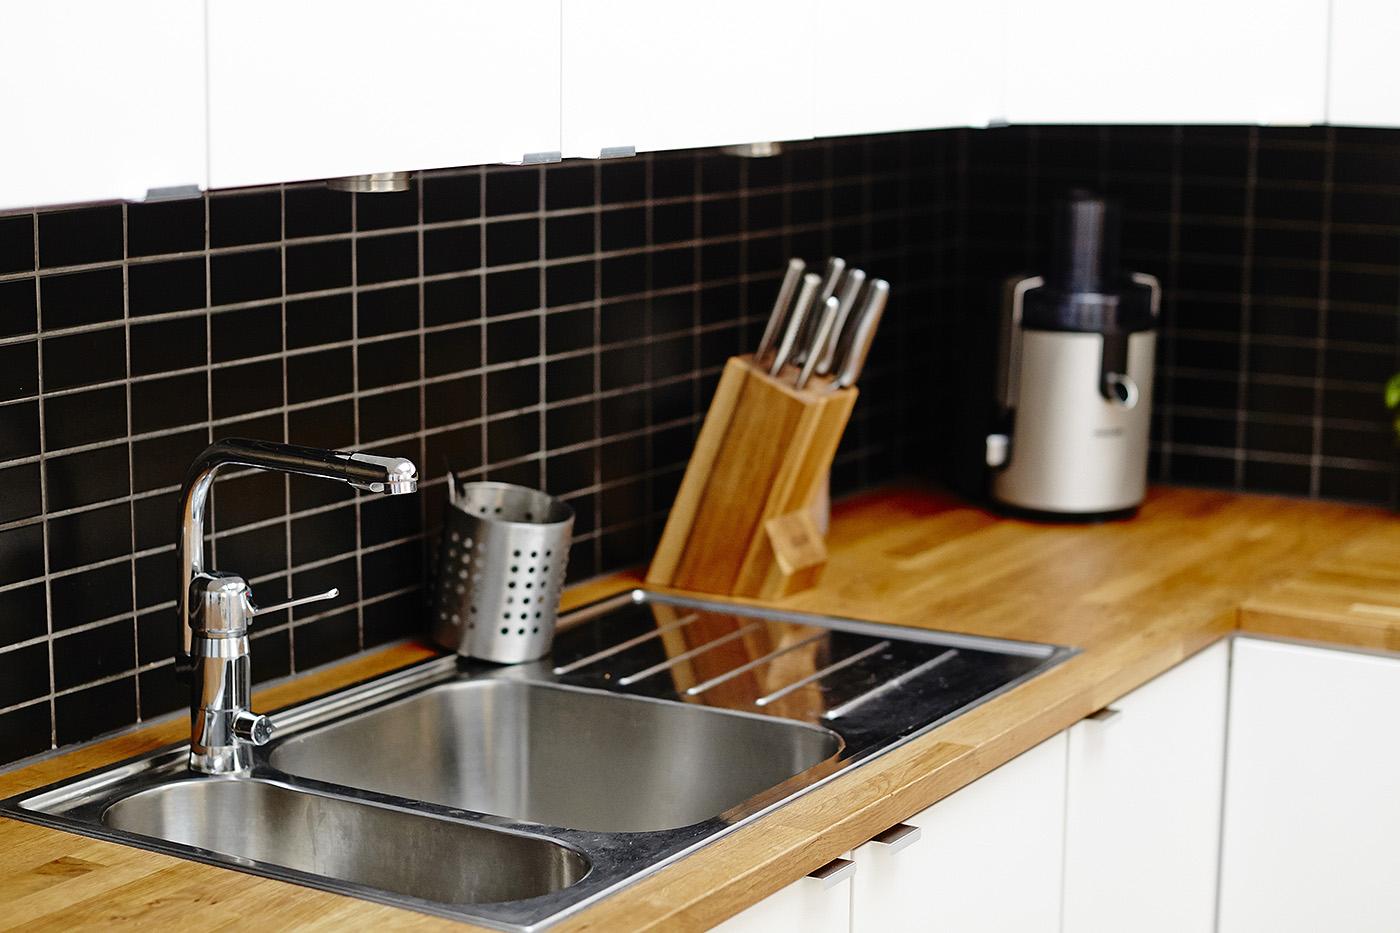 Encimeras de madera cuidados mentiras y verdades blog - Encimeras laminadas de cocina ...